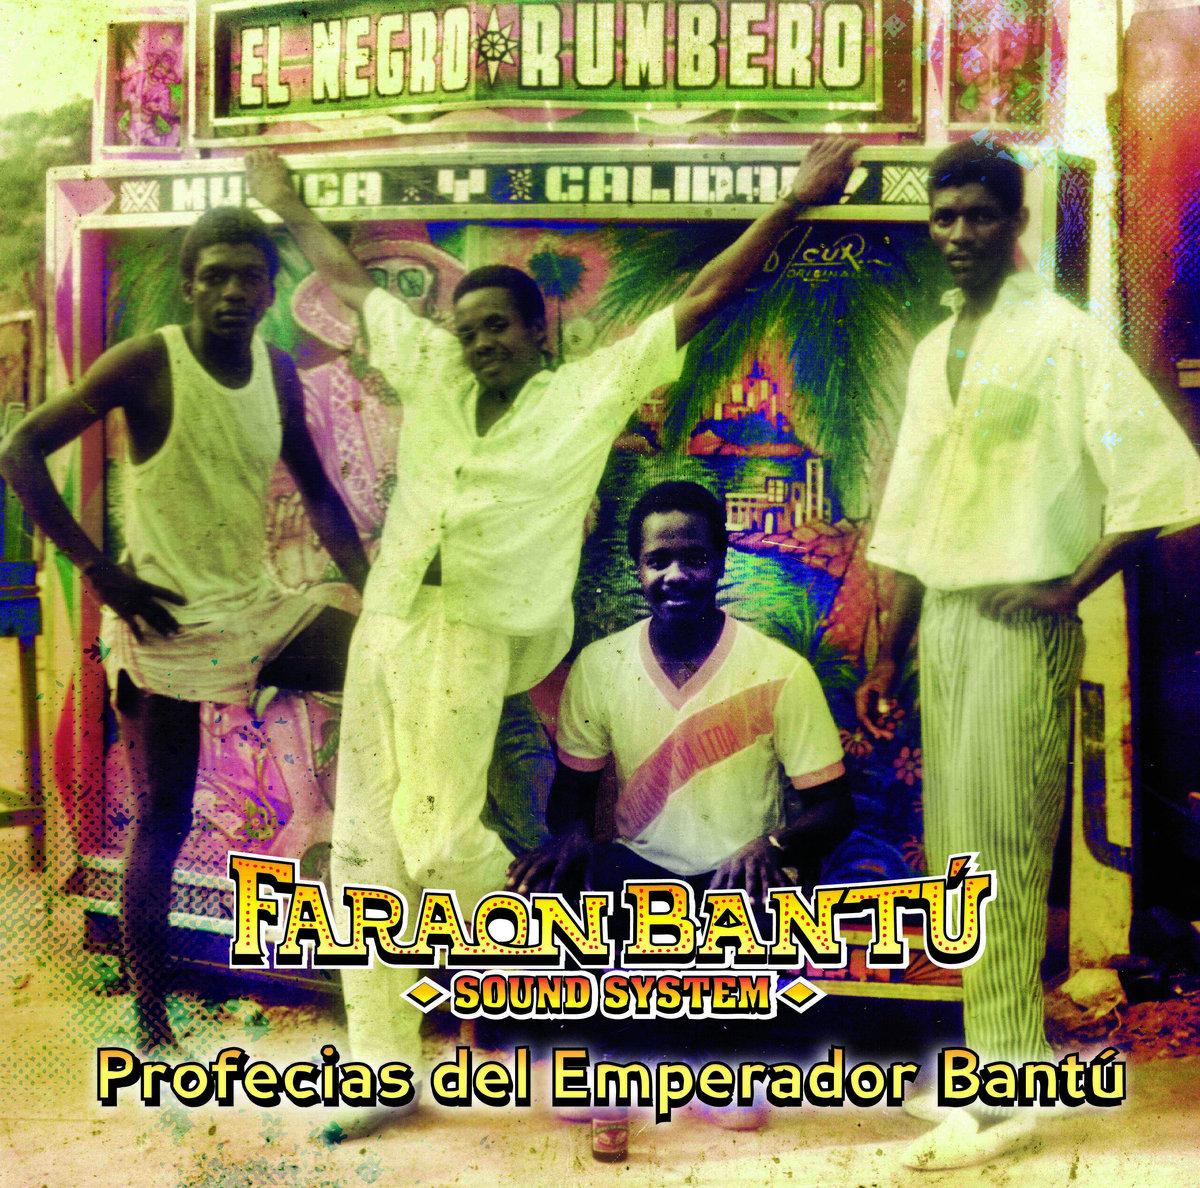 FARAON BANTU Sound System - Profecias del Emperador Bantu